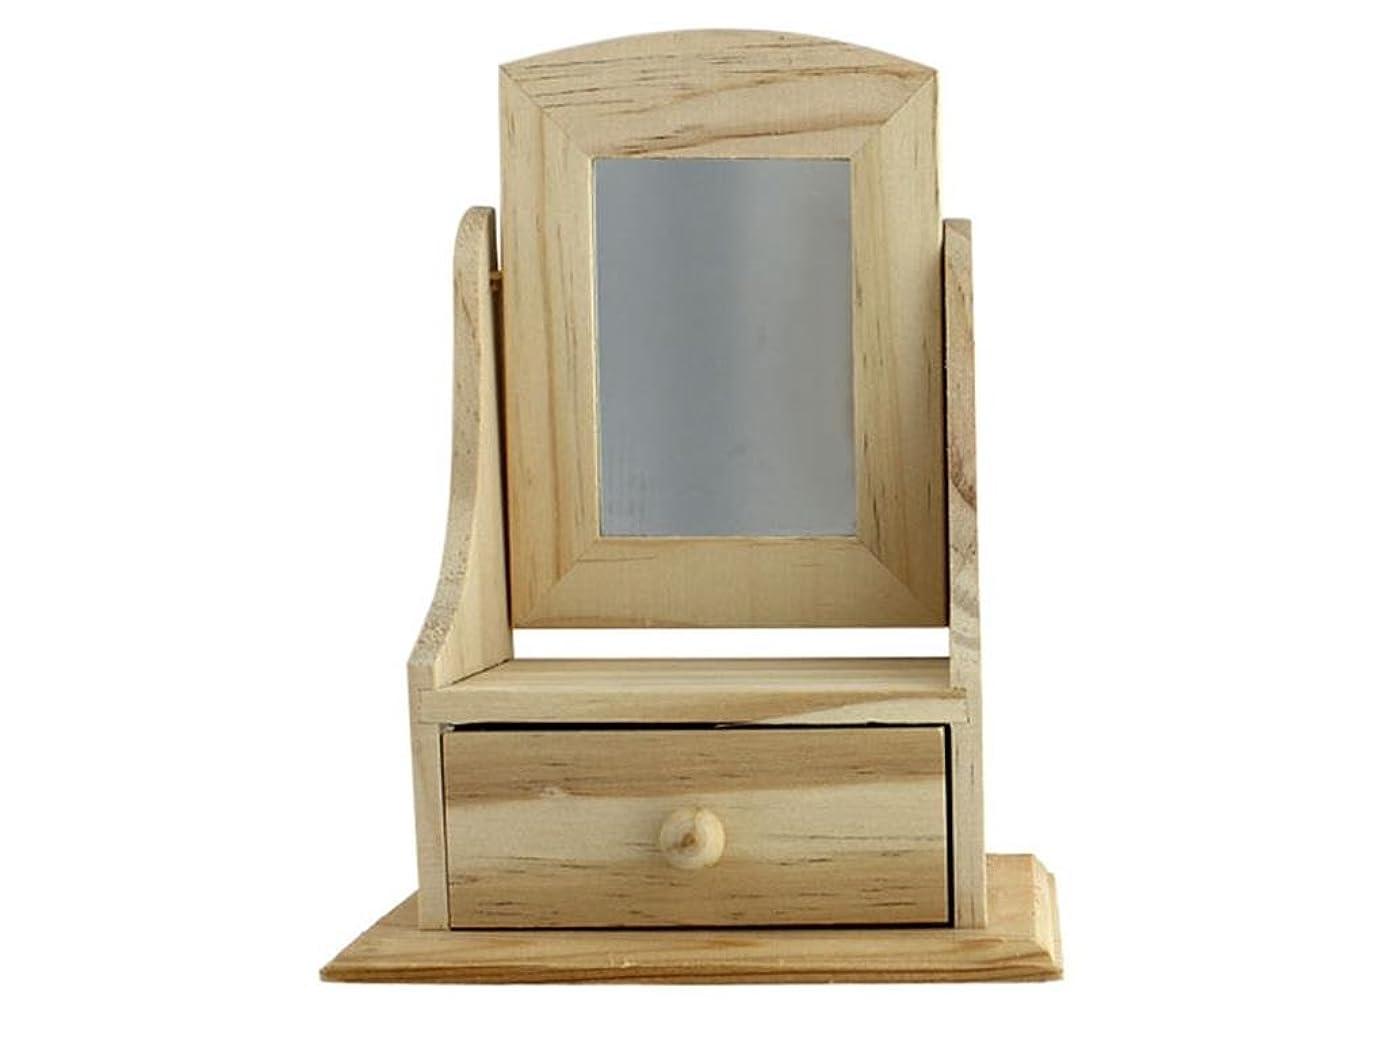 Darice Wood Drawer 5.2x7.25x 3.15 Wd Box W/1 Drawr5.2x3.15x7.25